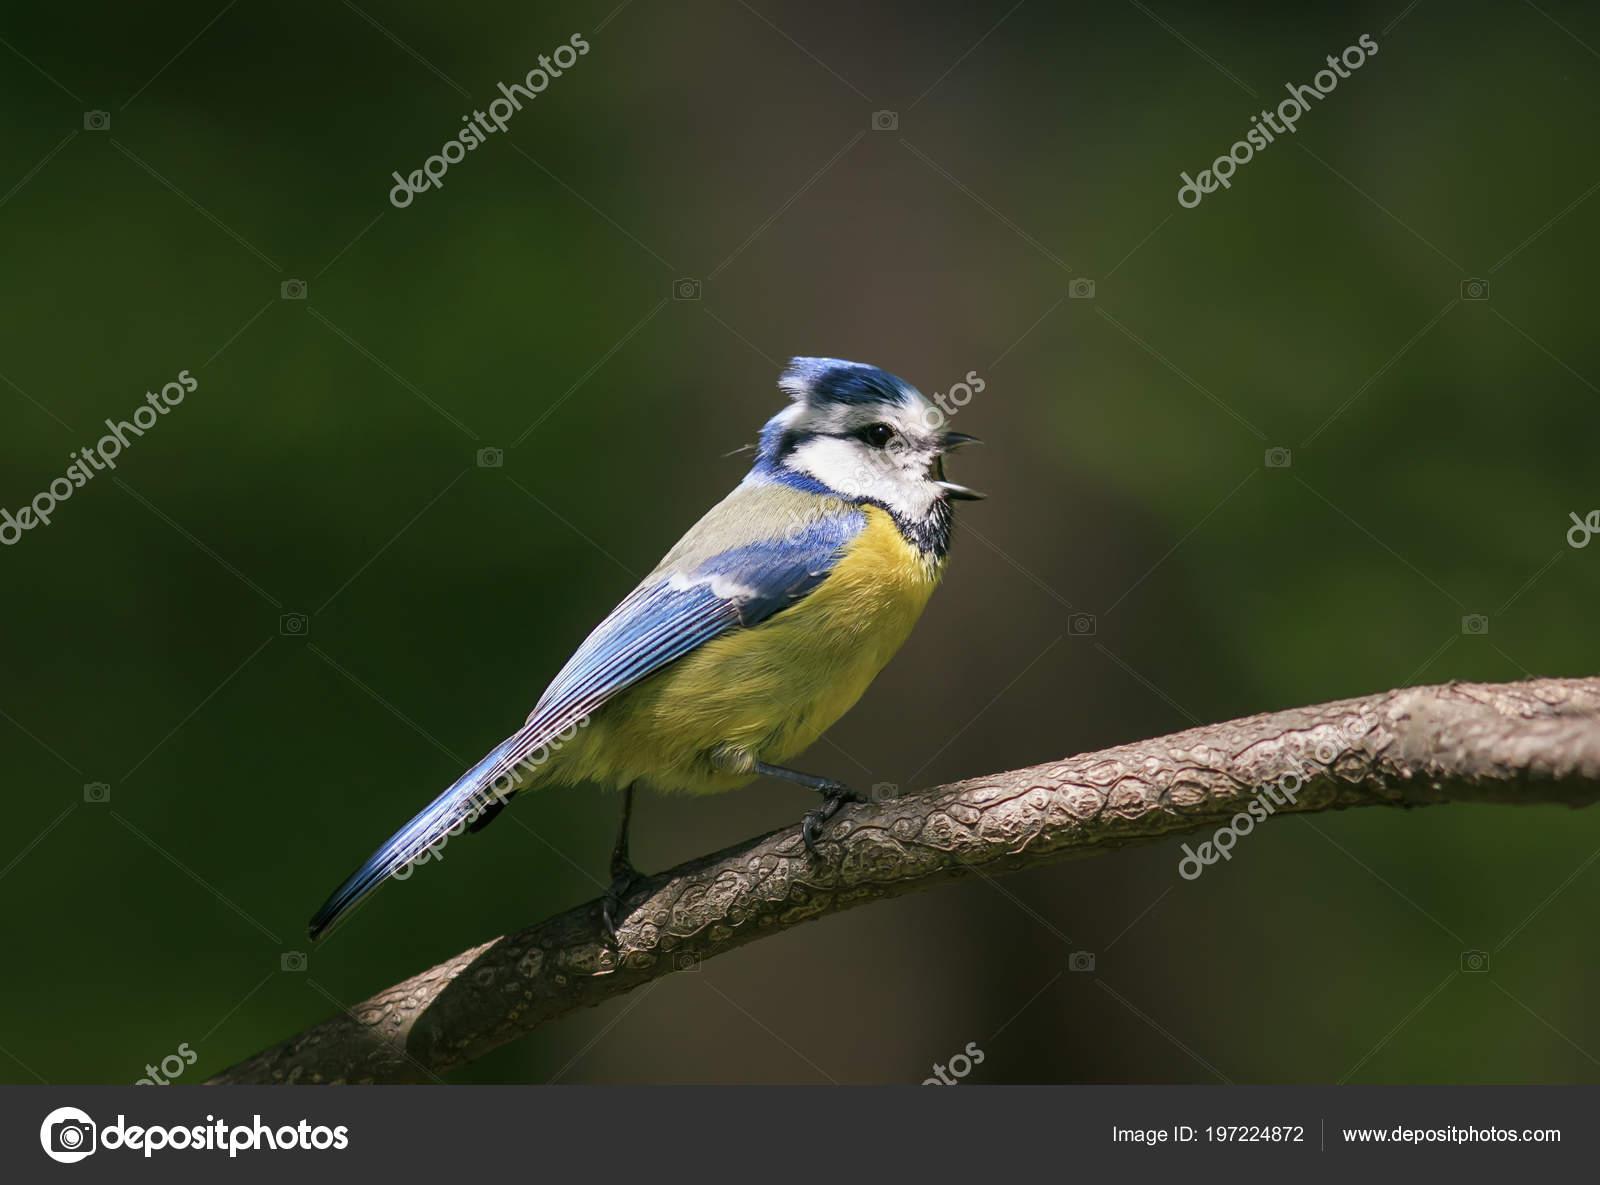 Милая птица синица поет красивую песню саду весной ветке мае.